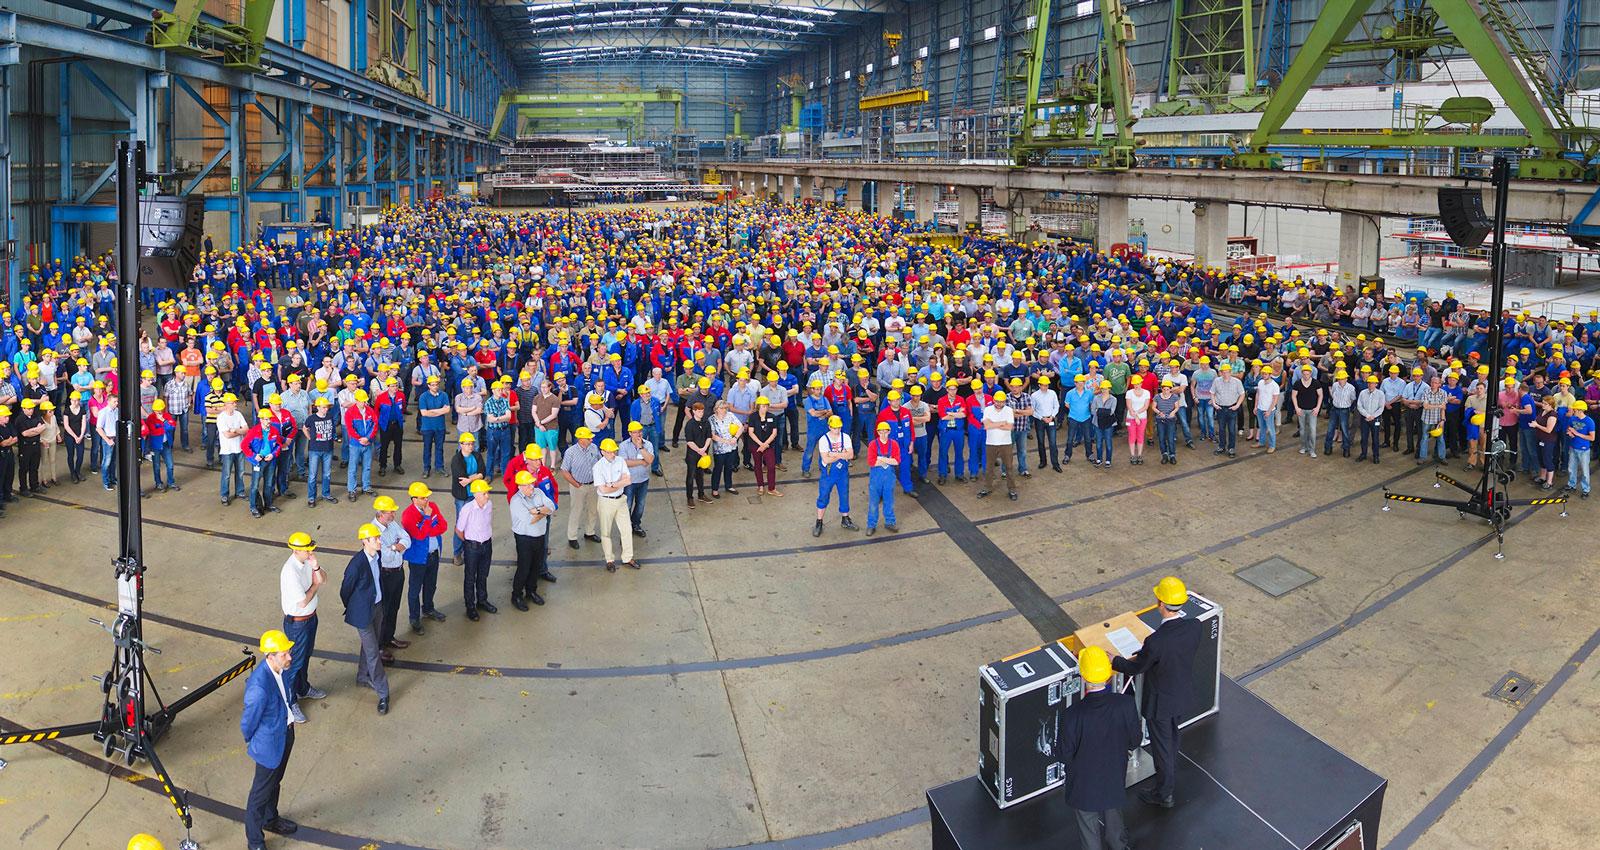 Den samlade arbetsstyrkan i Papenburg består av cirka 3300 personer.